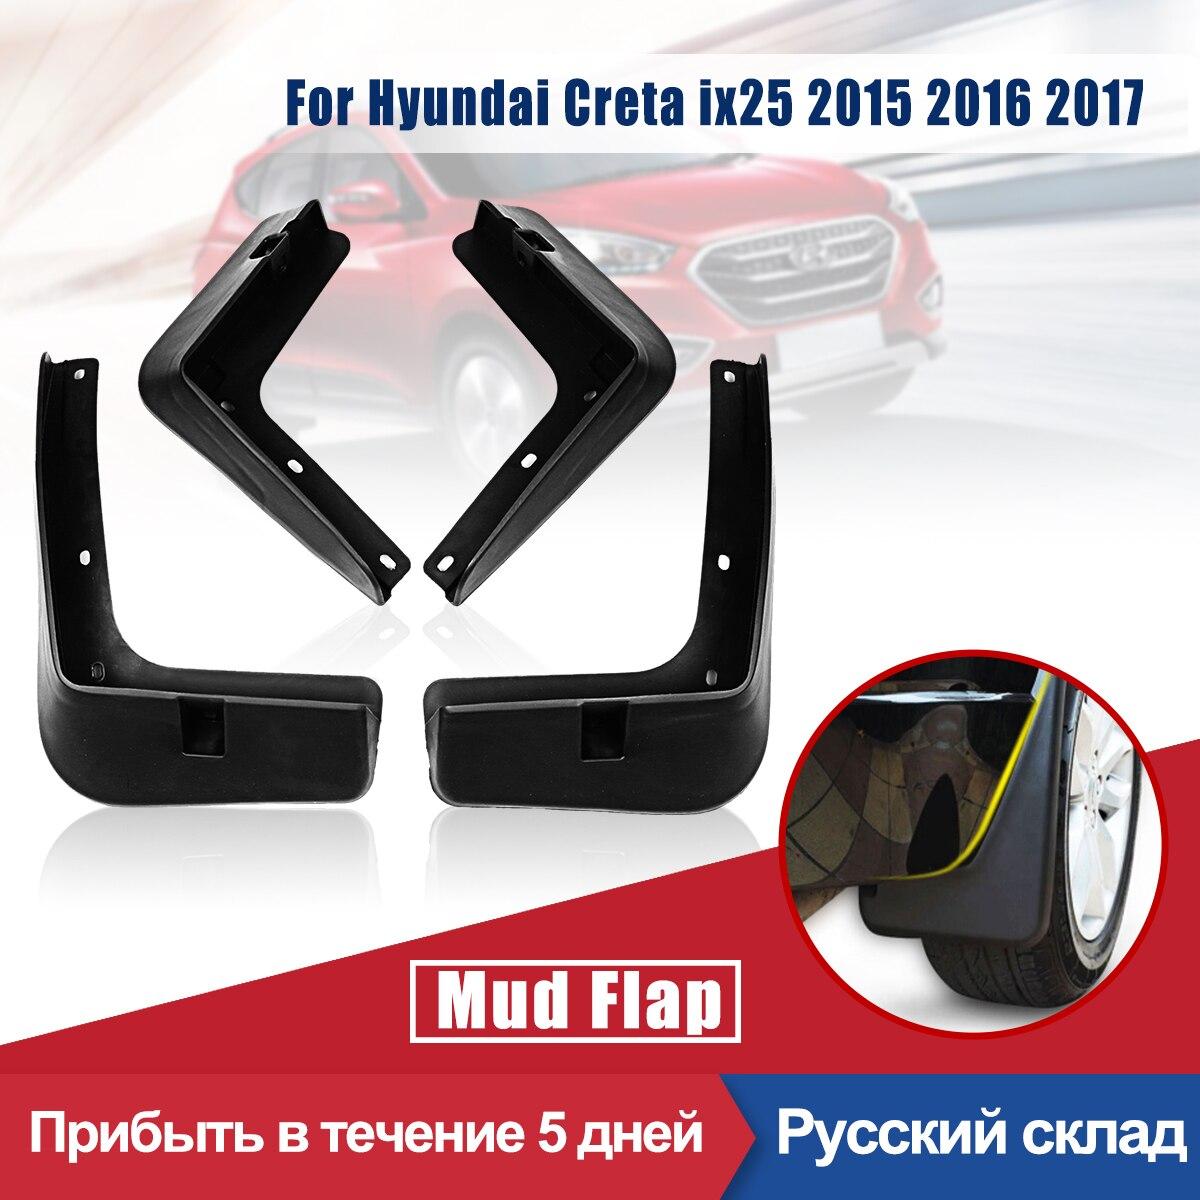 4 個の車のフロントリアマッドスプラッシュガードフェンダーフレア泥フラップ現代 Creta ix25 2015 2016 2017 2018